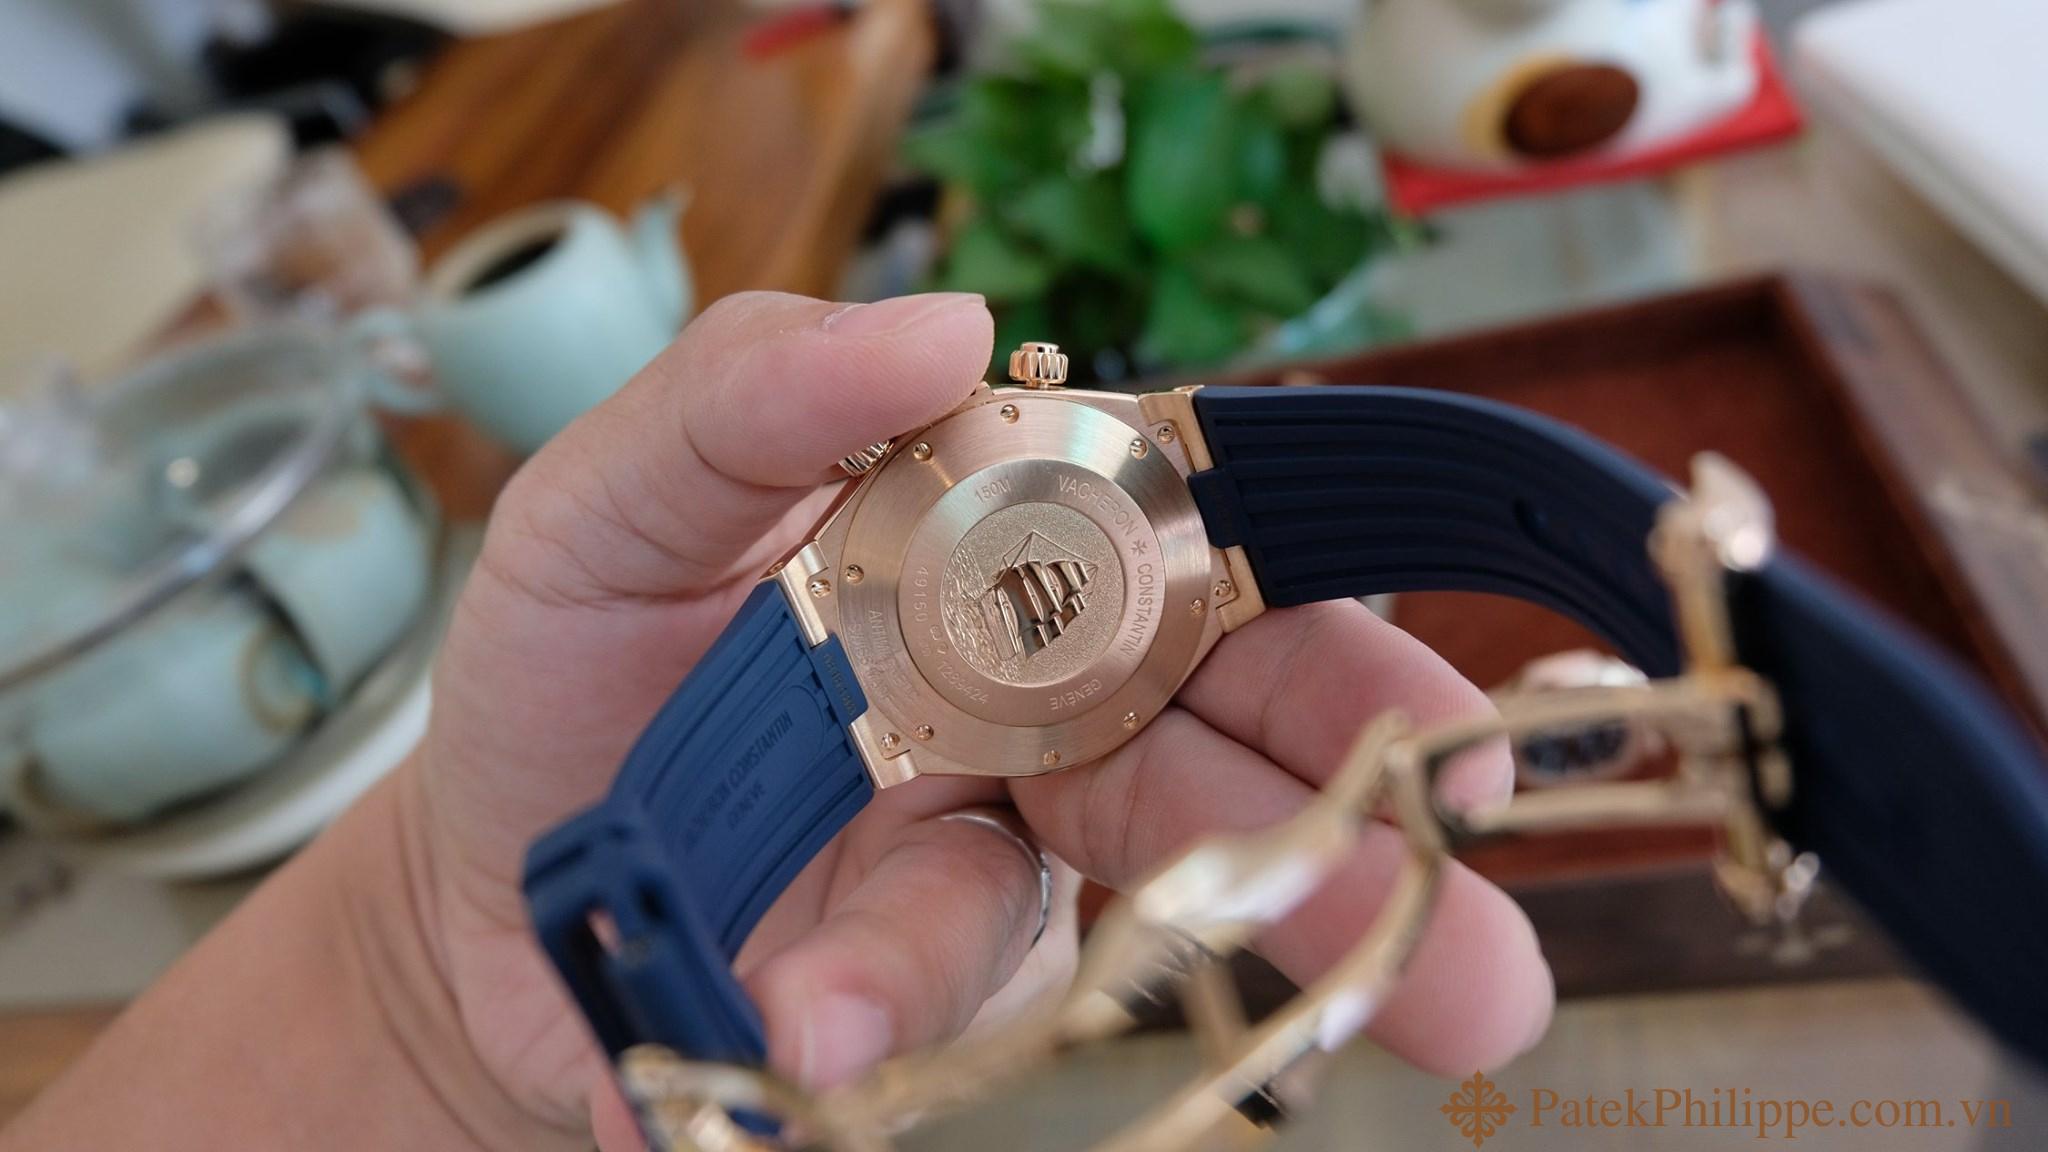 vacheron-constantin-overseas-rose-gold-chronograph 1 12242342.jpg